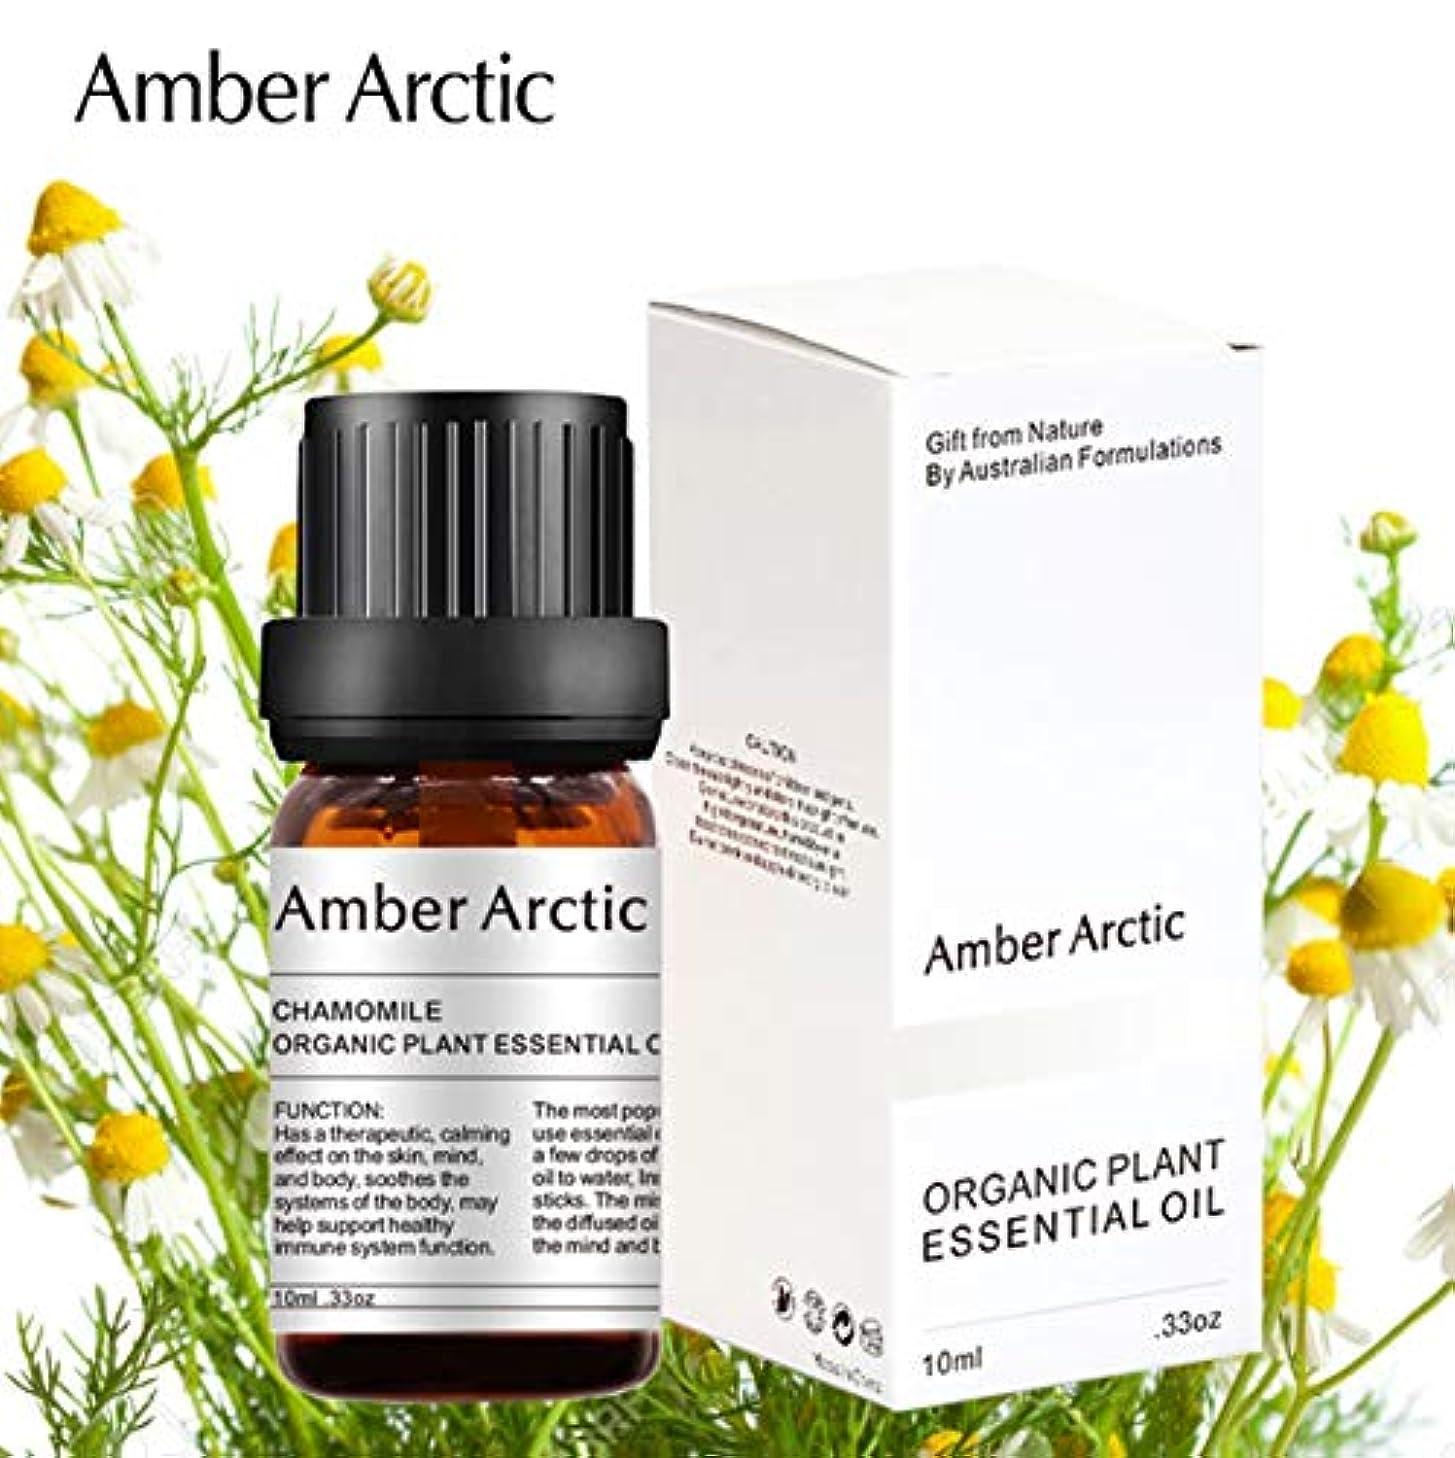 招待ビット思春期Amber Arctic カモミール エッセンシャル オイル、100% ピュア 天然 アロマテラピー カモミール オイル スプレッド 用 (10ML) カモミール